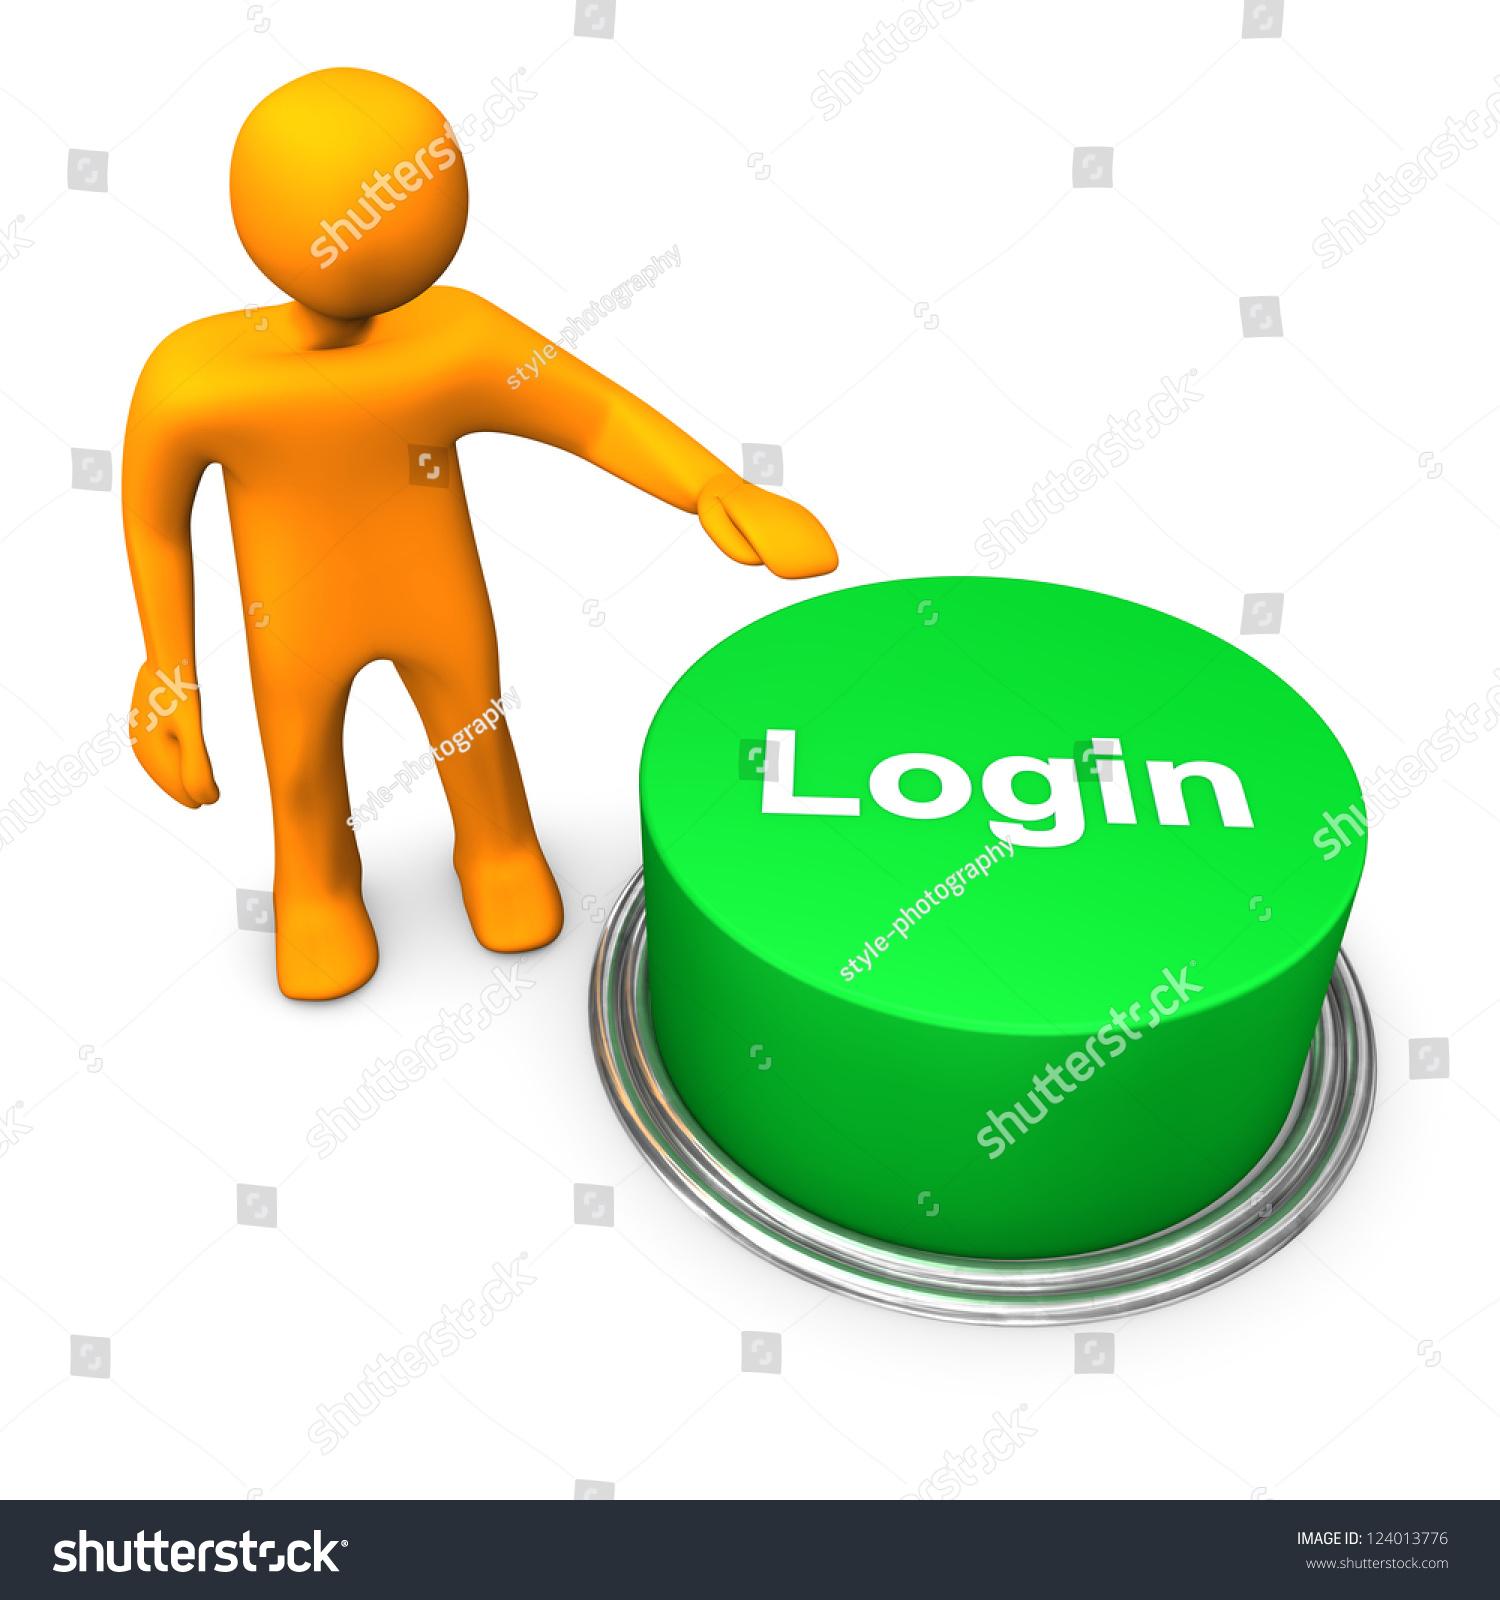 """橙色卡通人物与绿色按钮""""登录"""".-商业/金融-海洛创意"""